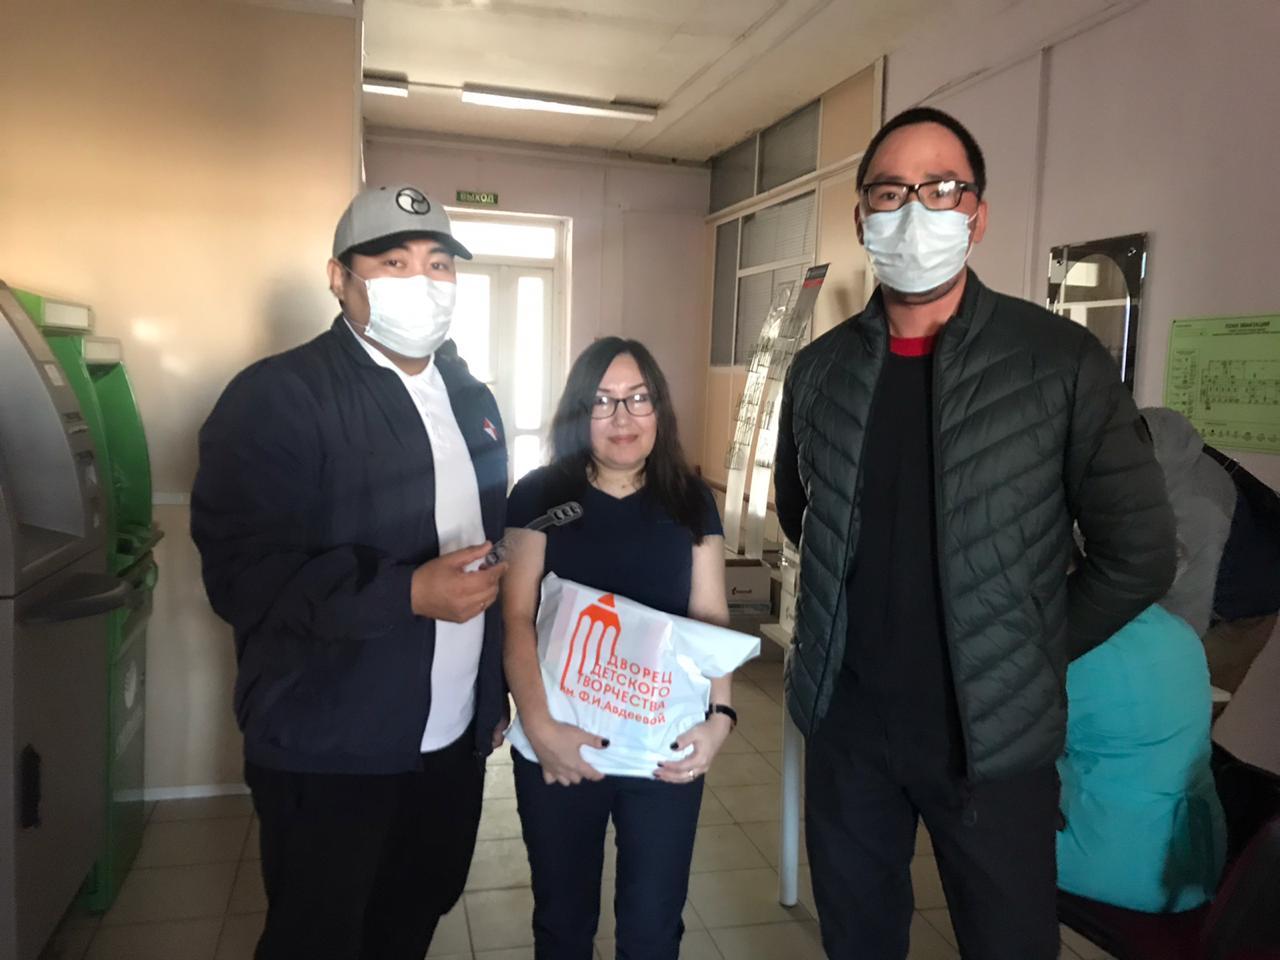 Держатели для масок, изготовленные в Детском технопарке «Кванториум», переданы врачам